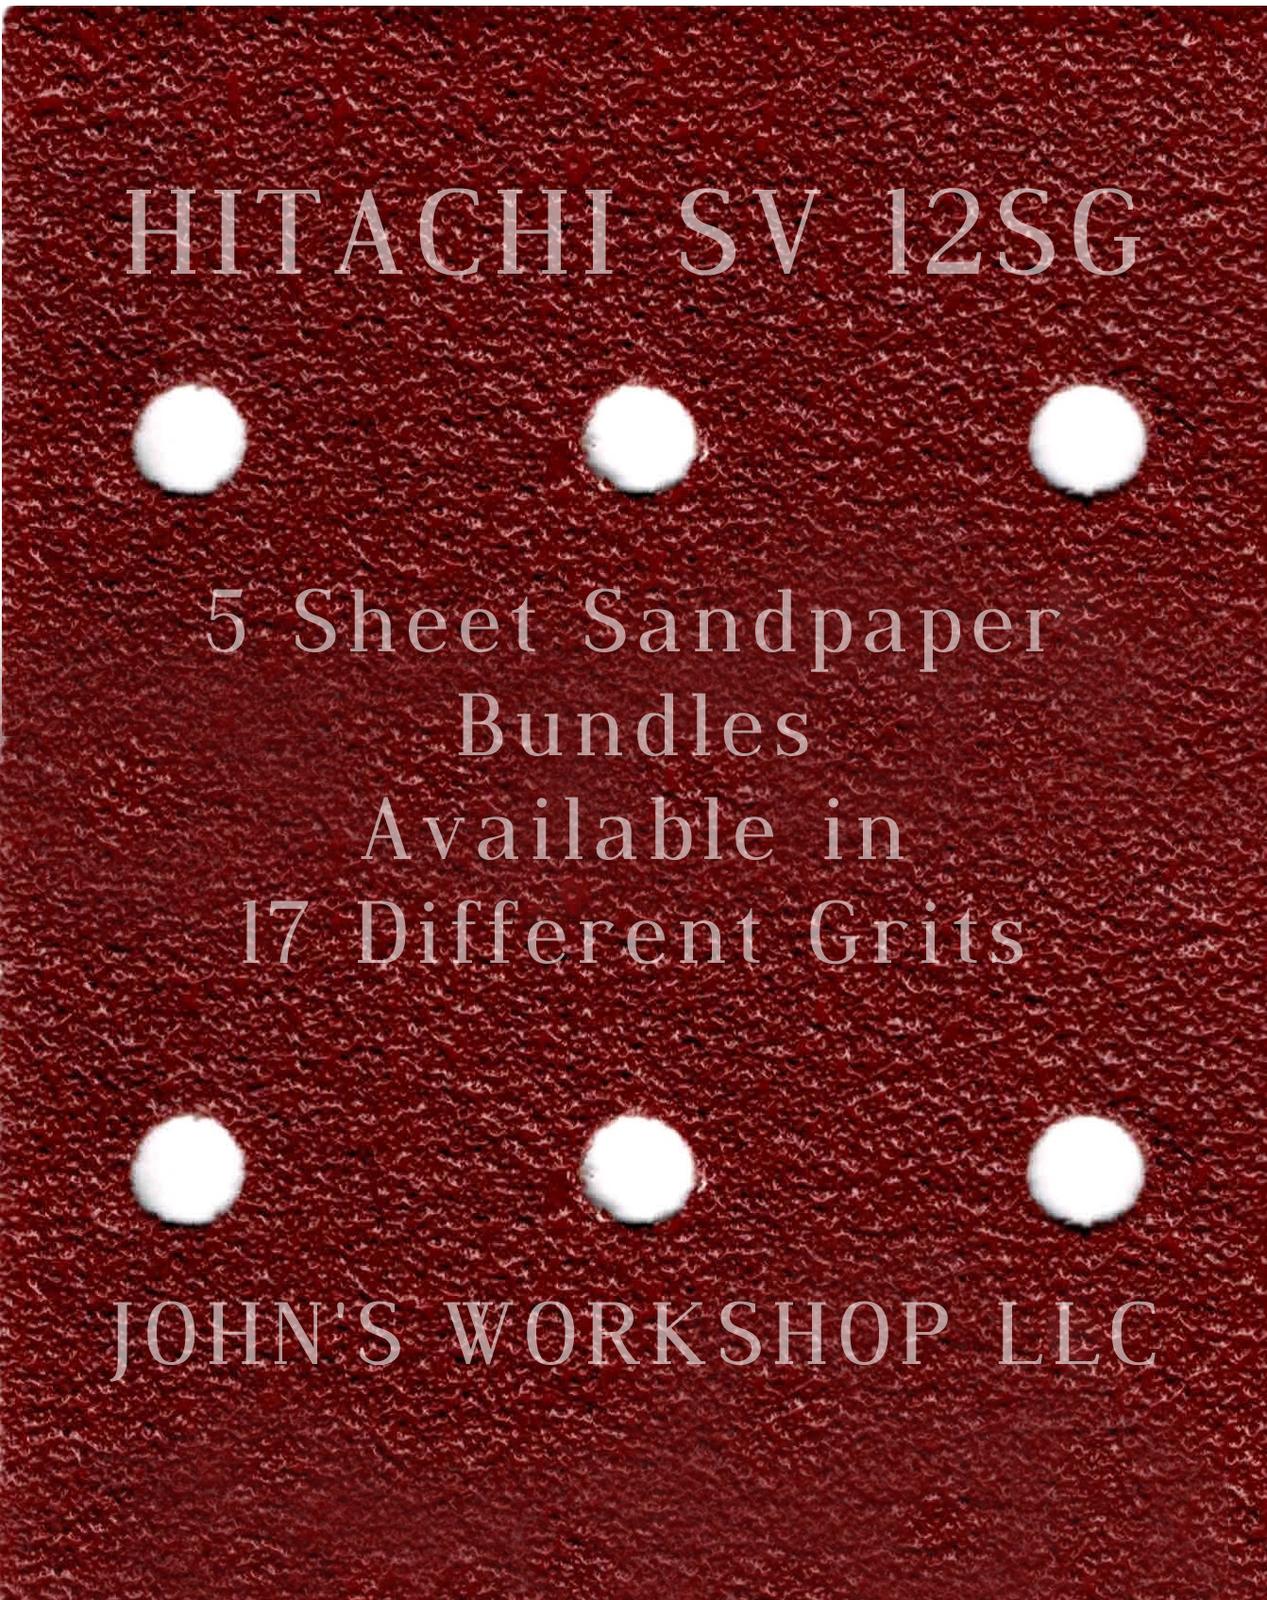 HITACHI SV 12SG - 1/4 Sheet - 17 Grits - No-Slip - 5 Sandpaper Bulk Bundles - $7.14